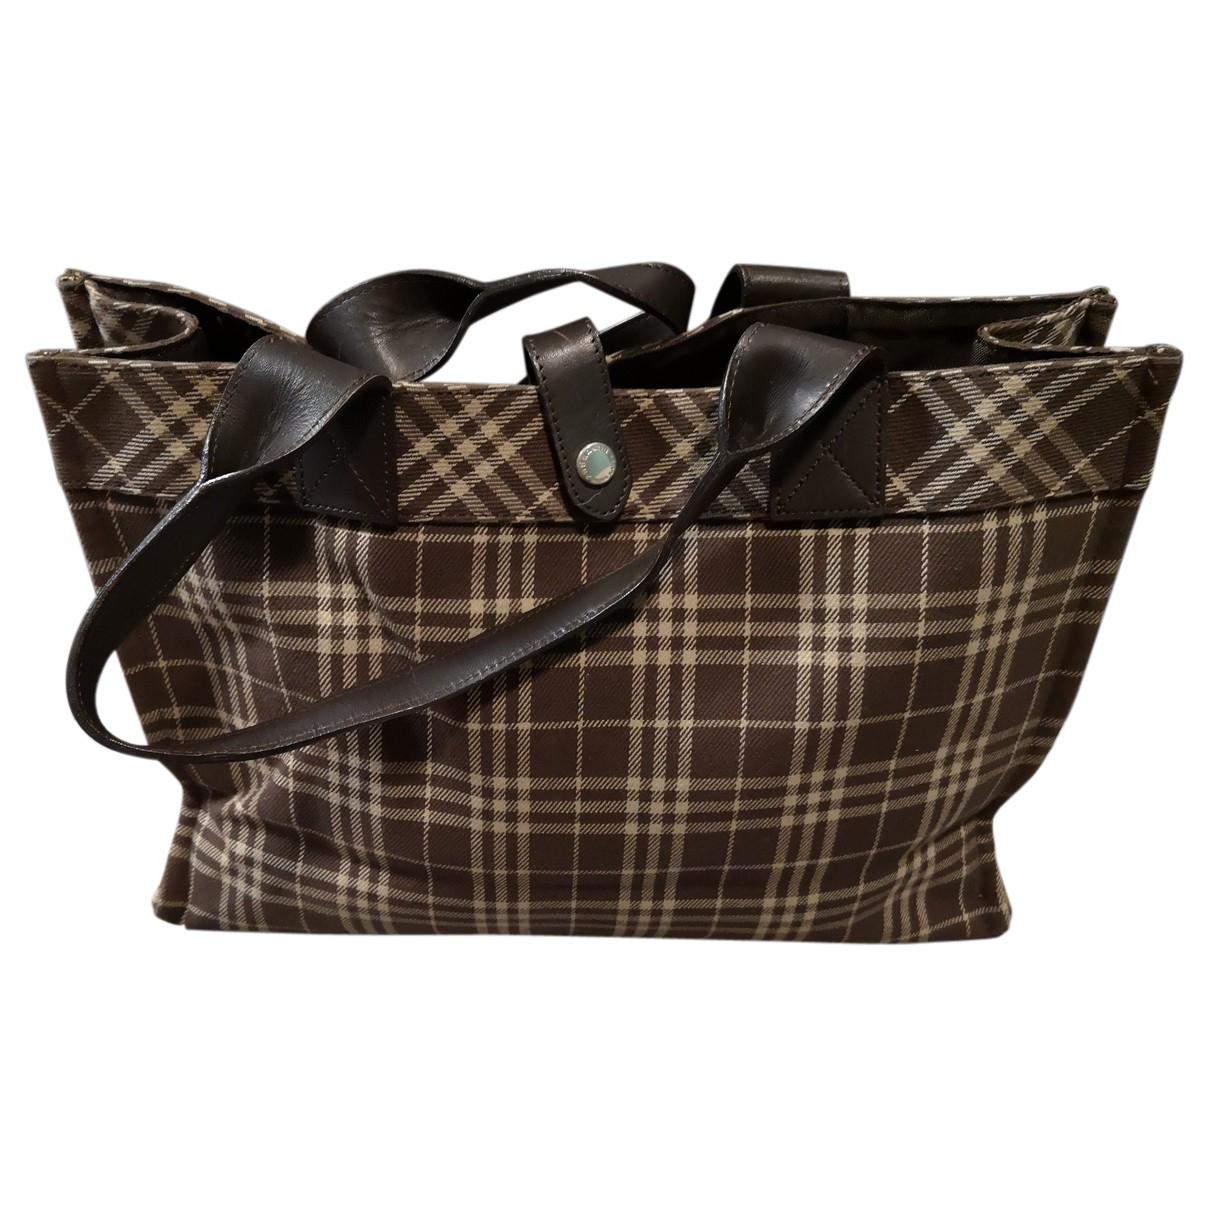 Burberry \N Handtasche in  Braun Baumwolle